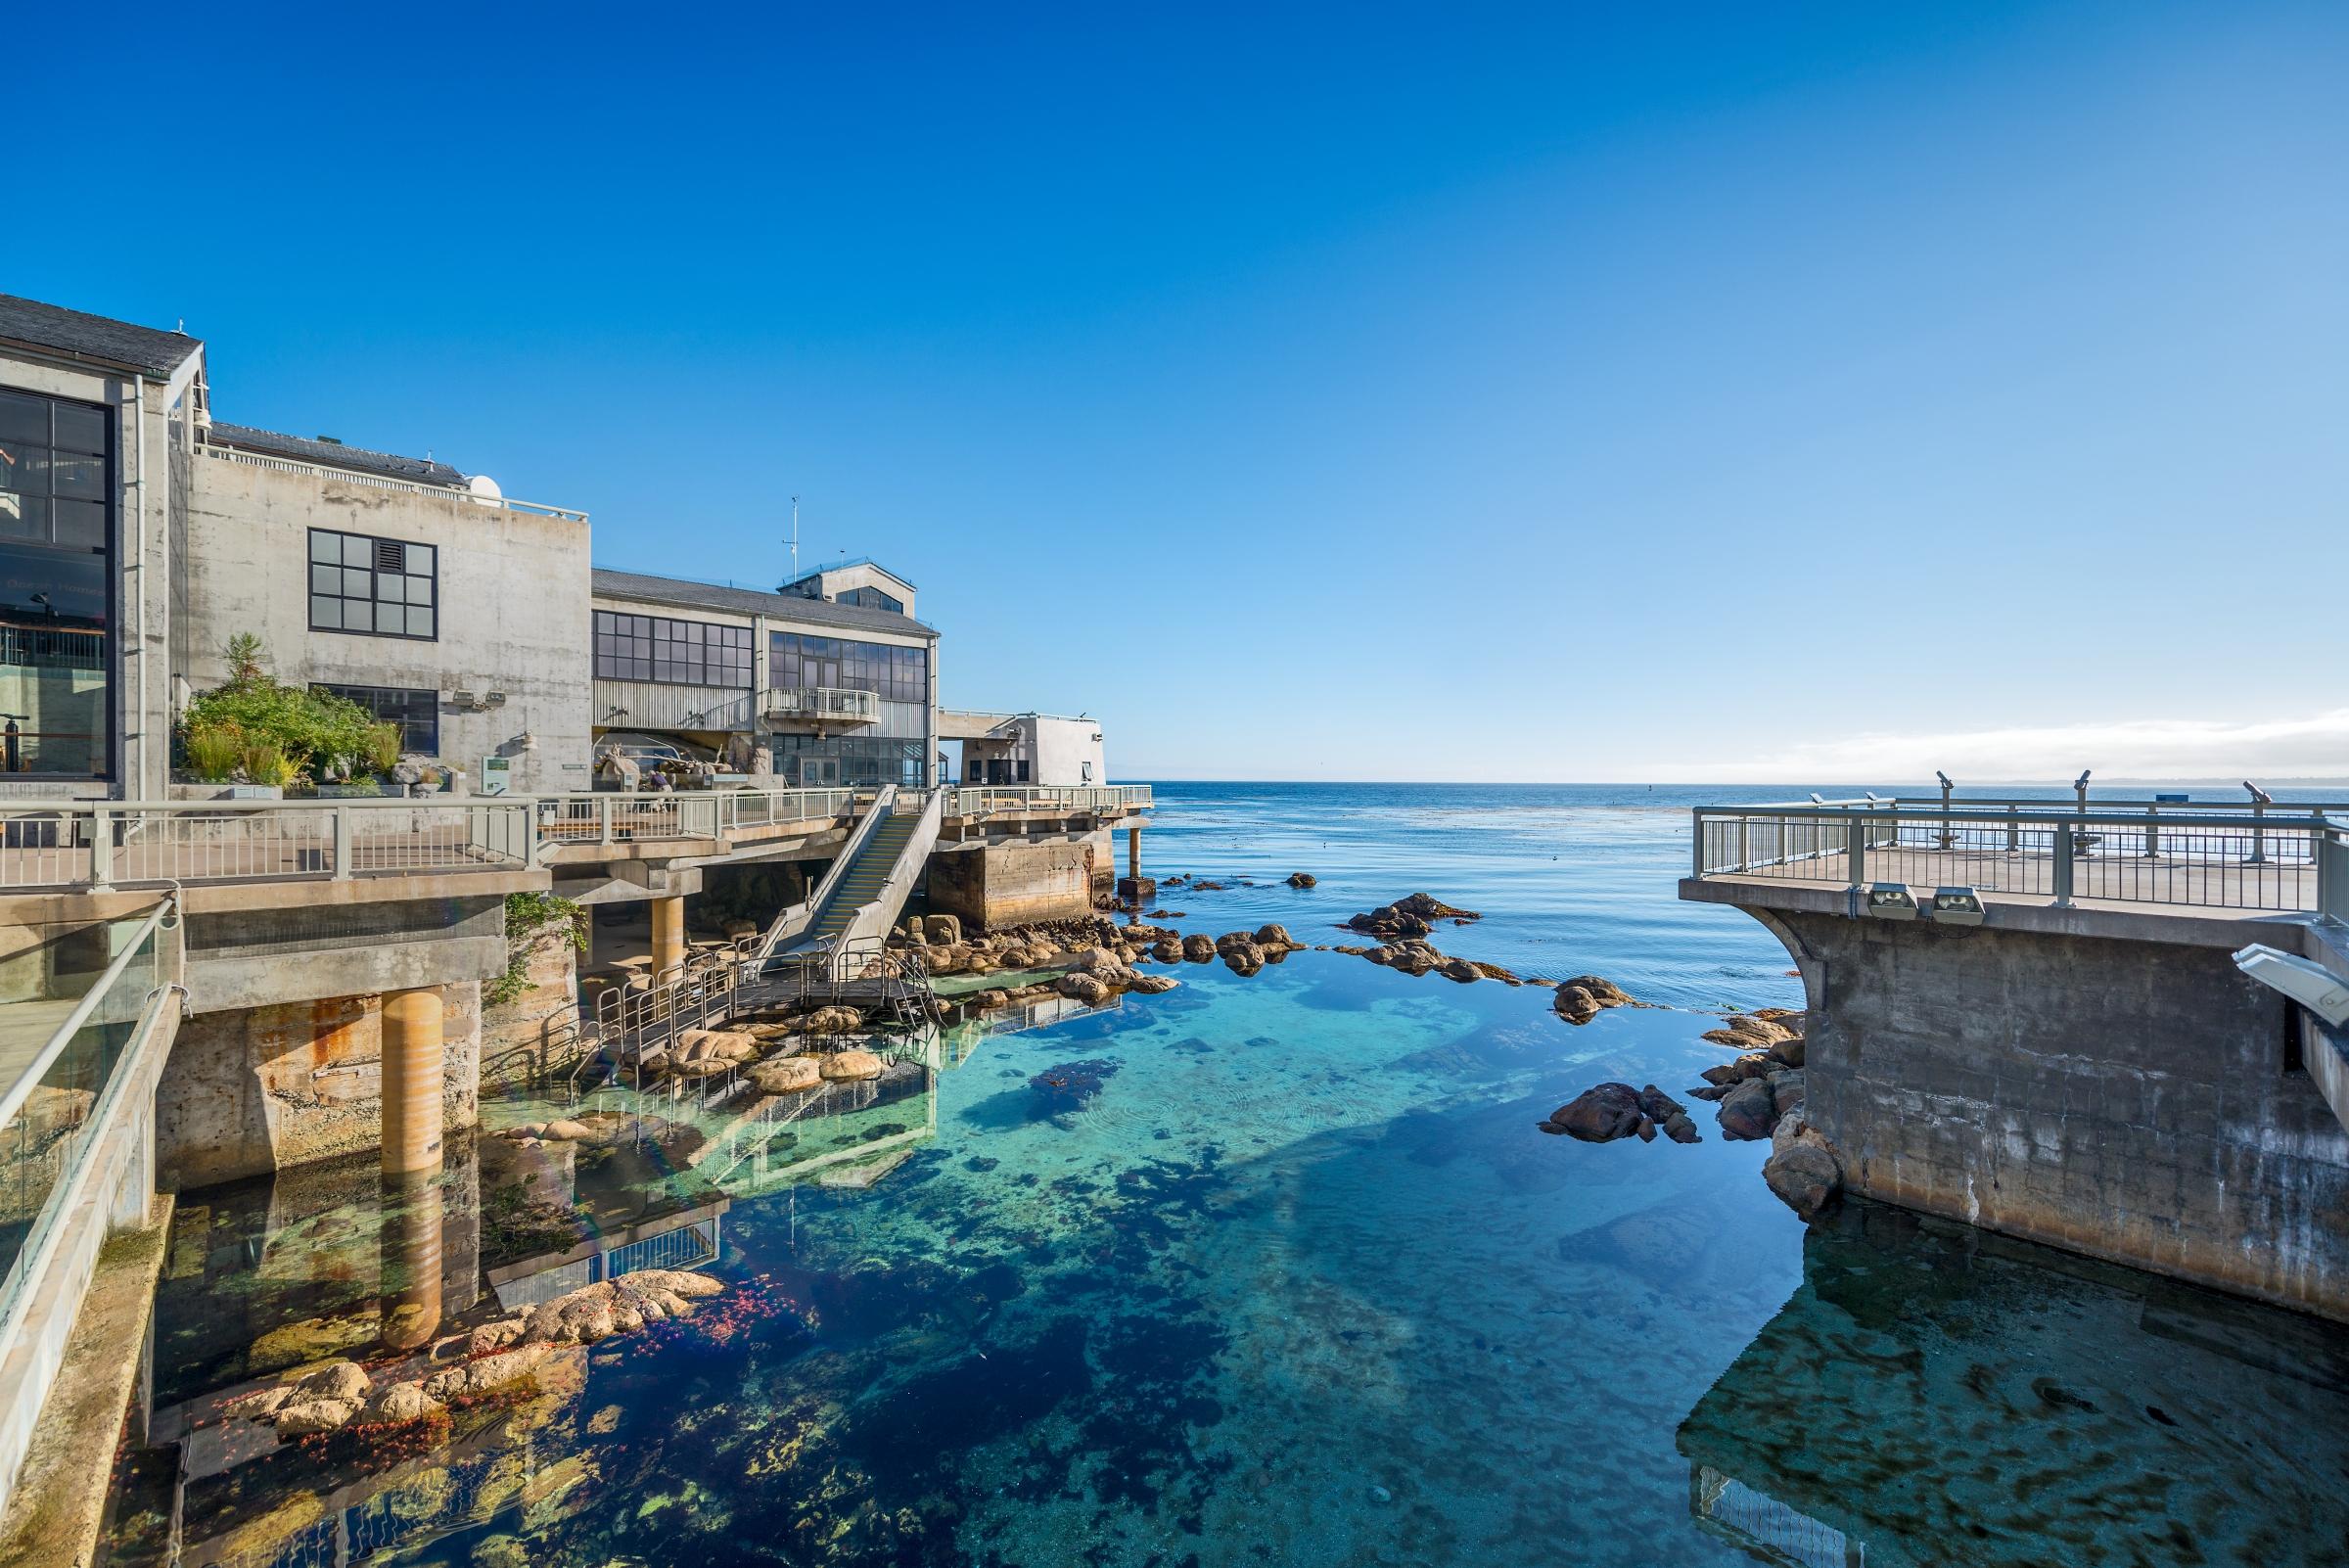 Visit | Monterey Bay Aquarium